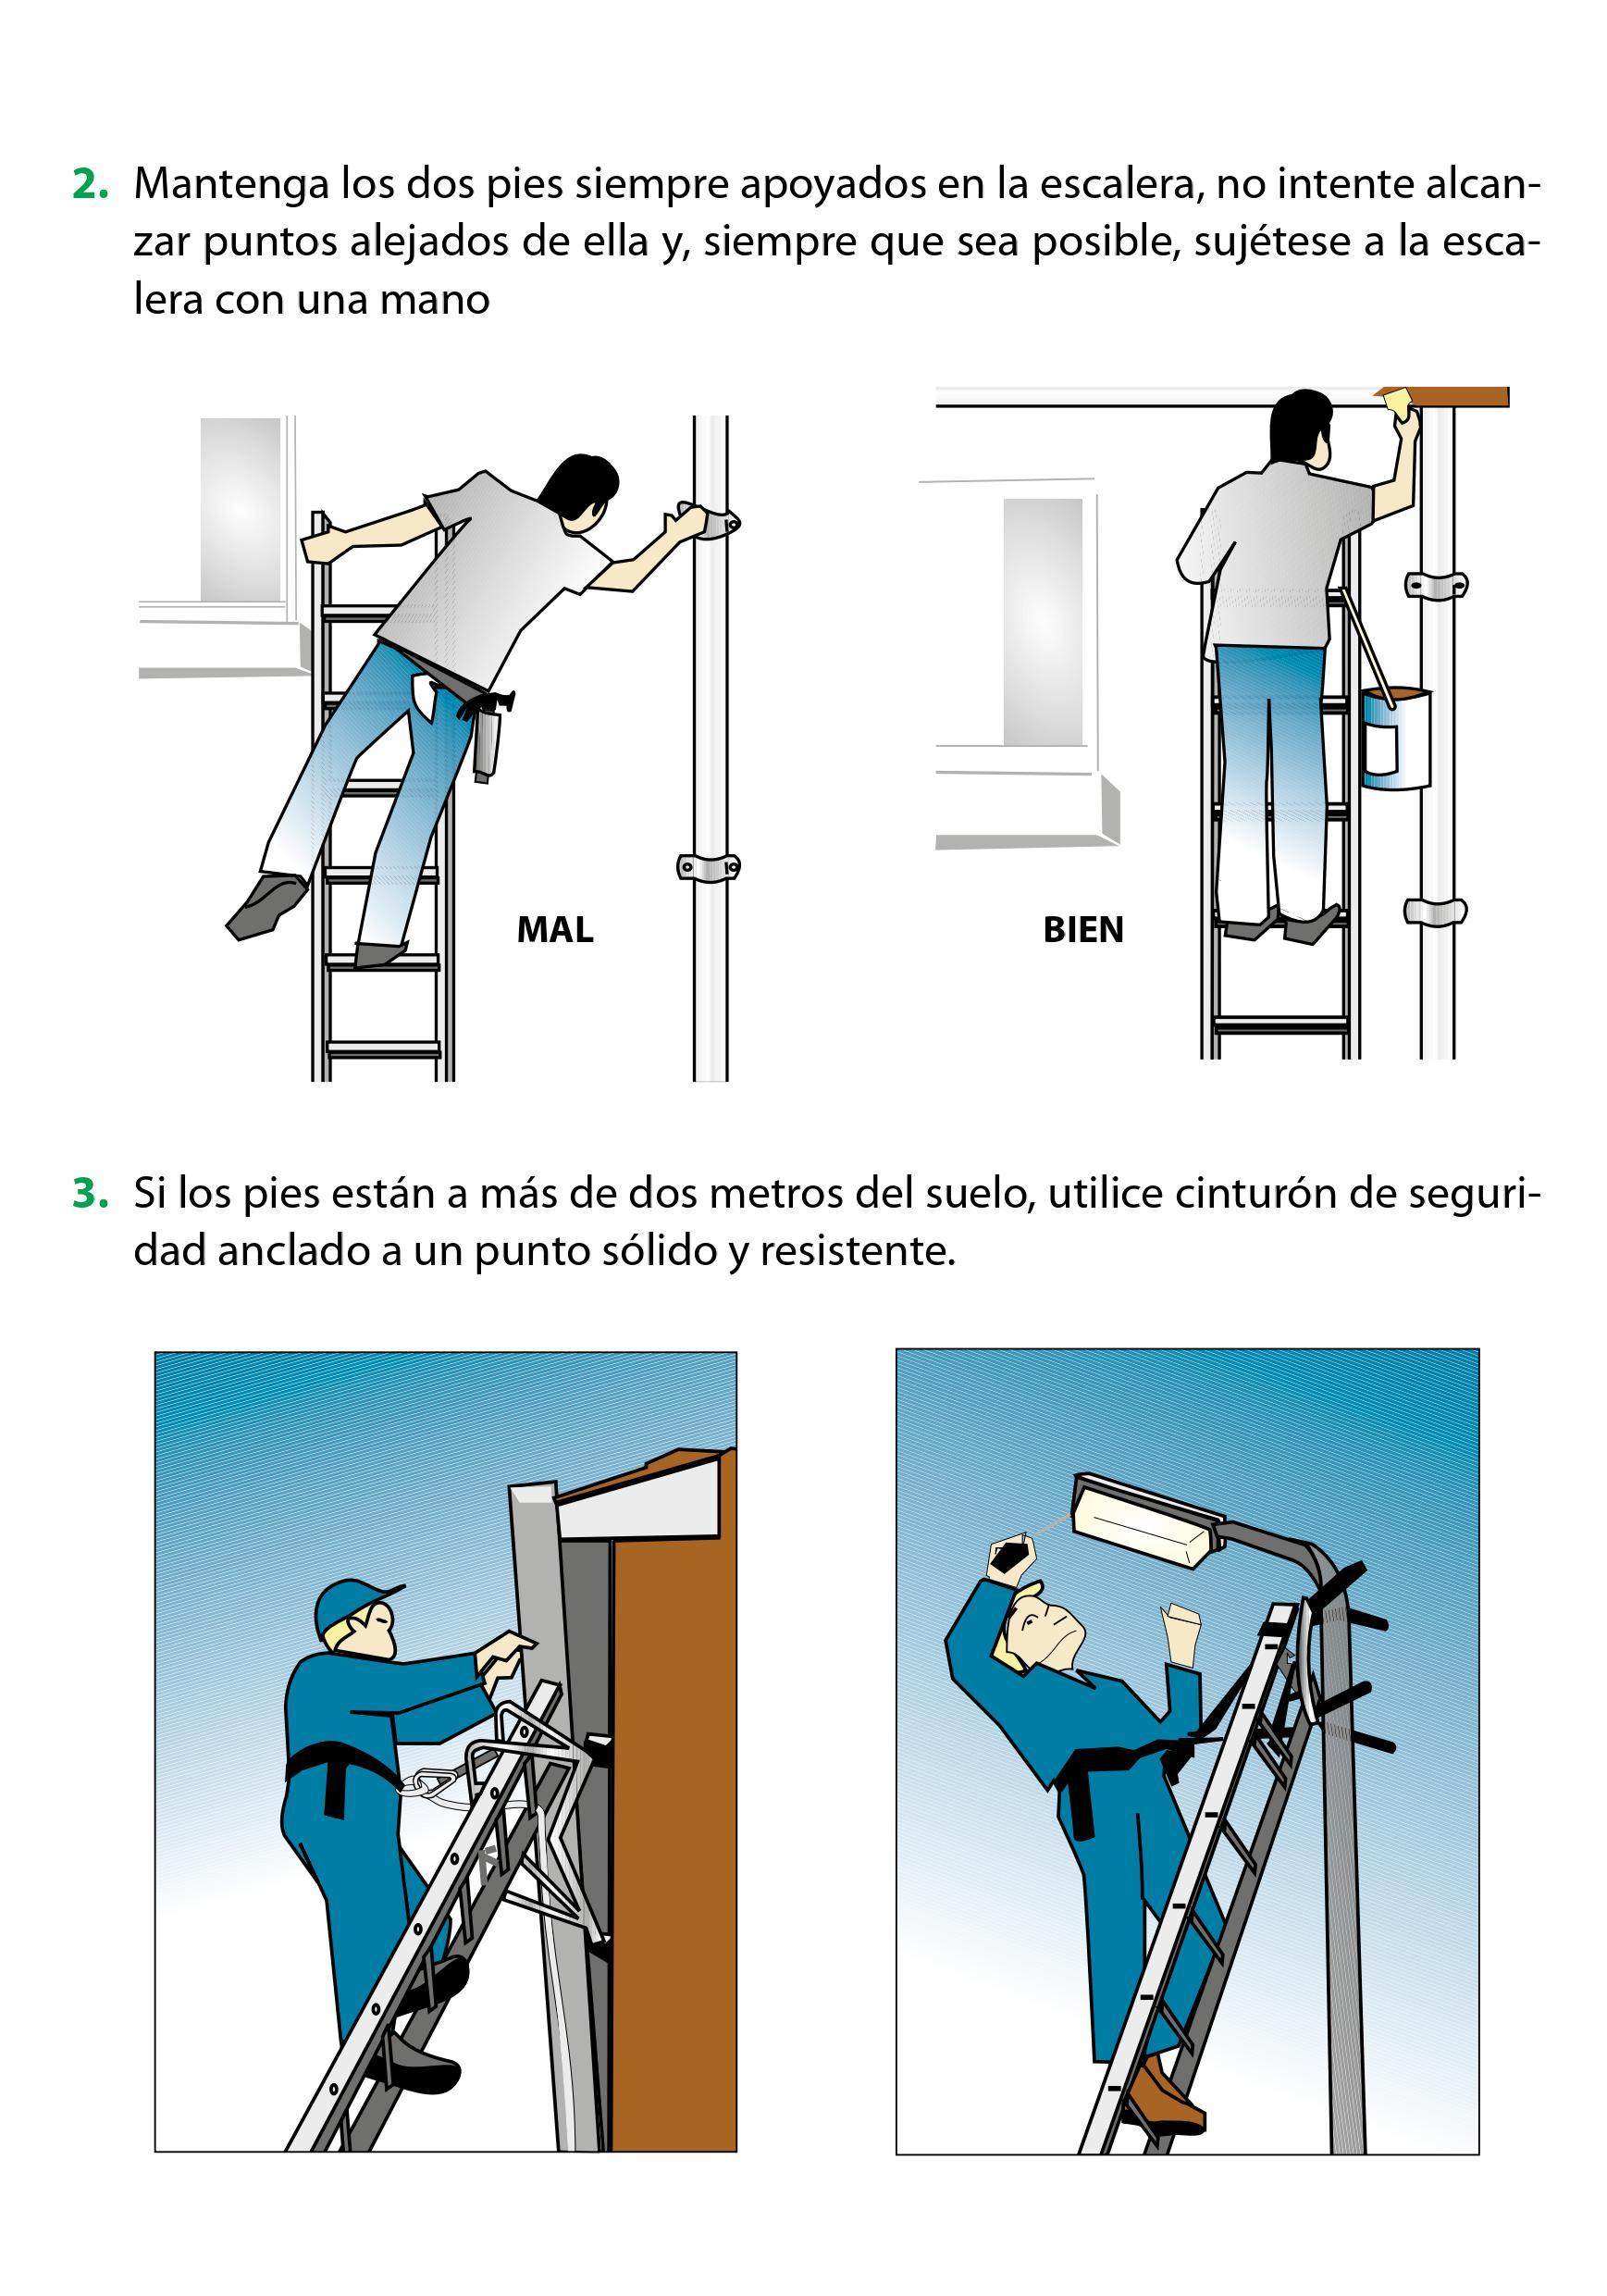 Las ca das de una escalera de mano pueden ser mortales - Escaleras de mano ...